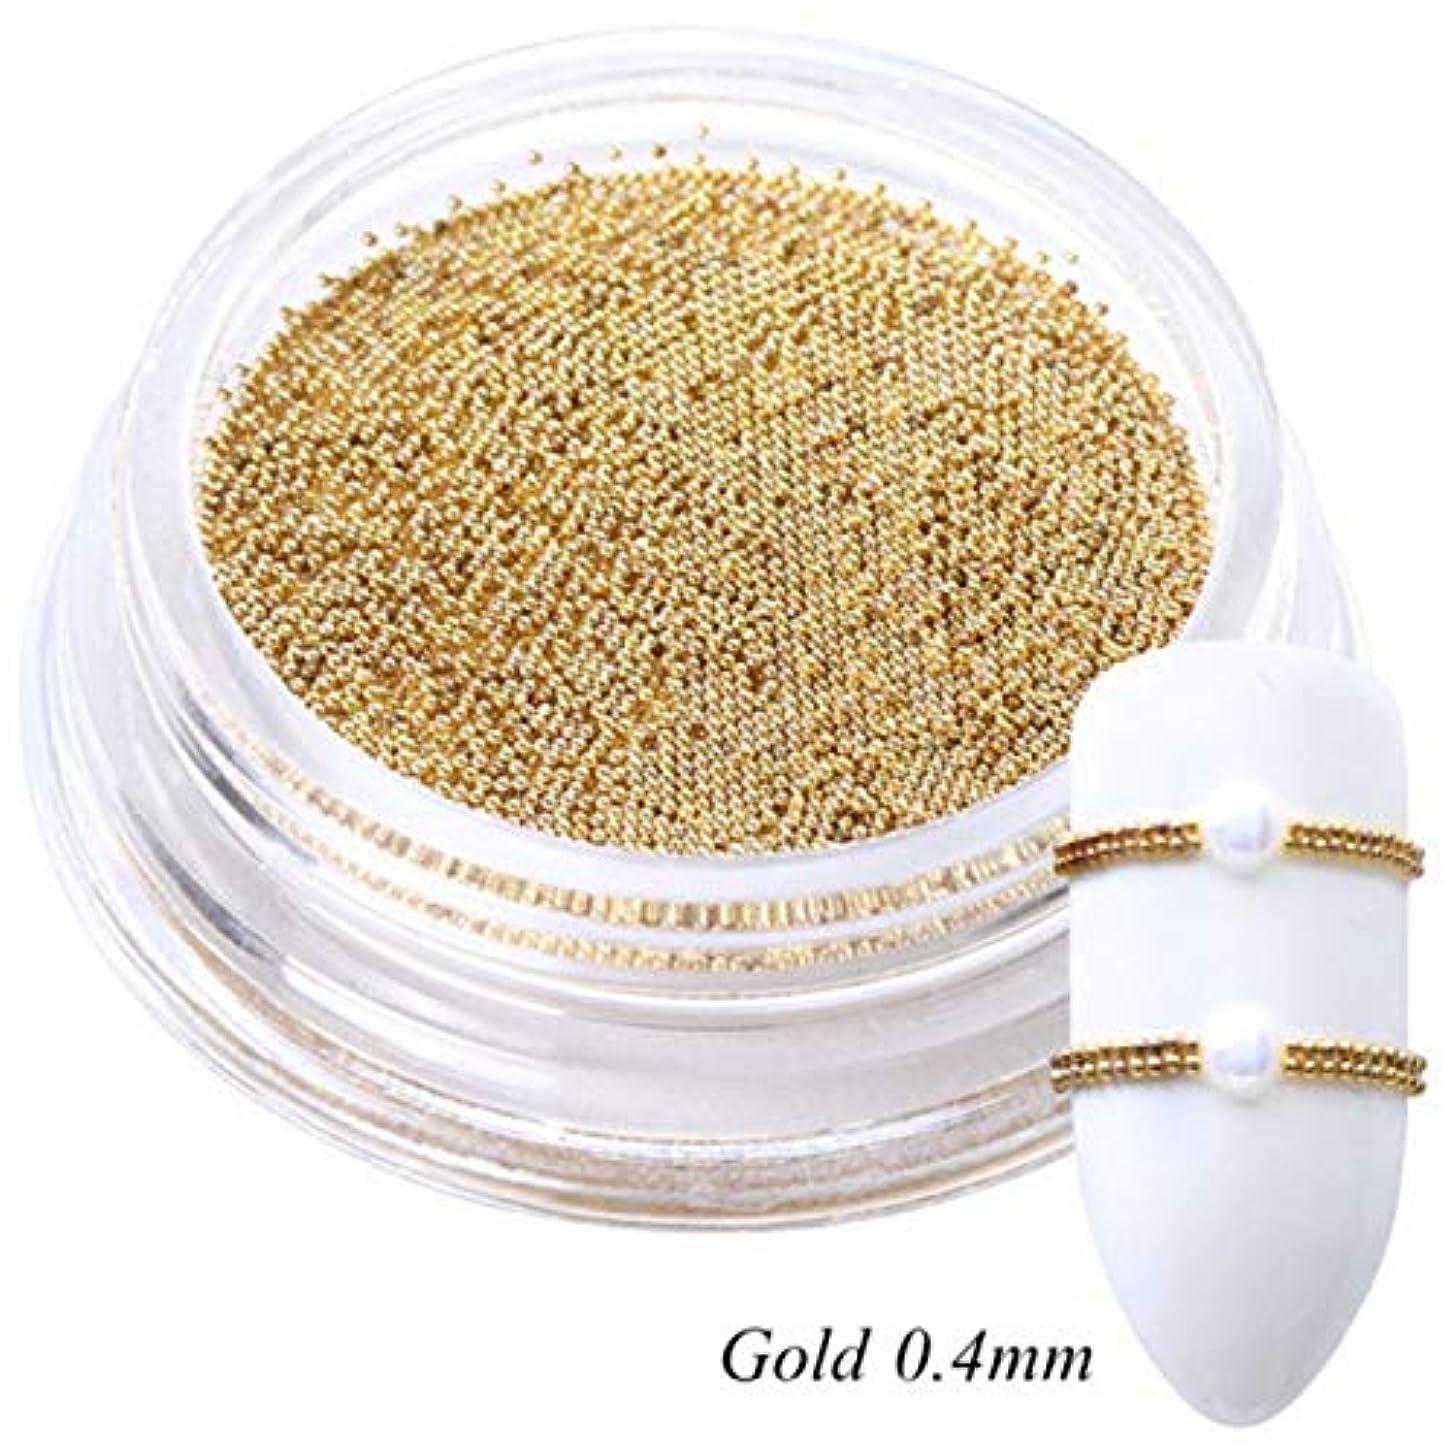 ストリップみがきます後者Quzama-JS 特別な12 G 0.4 mmネイルアート金属ミニキャビアビーズ3 Dチャームラインストーンマイクロビーズ装飾(None 0.4 mm Pearl gold(white bottle) 12g)